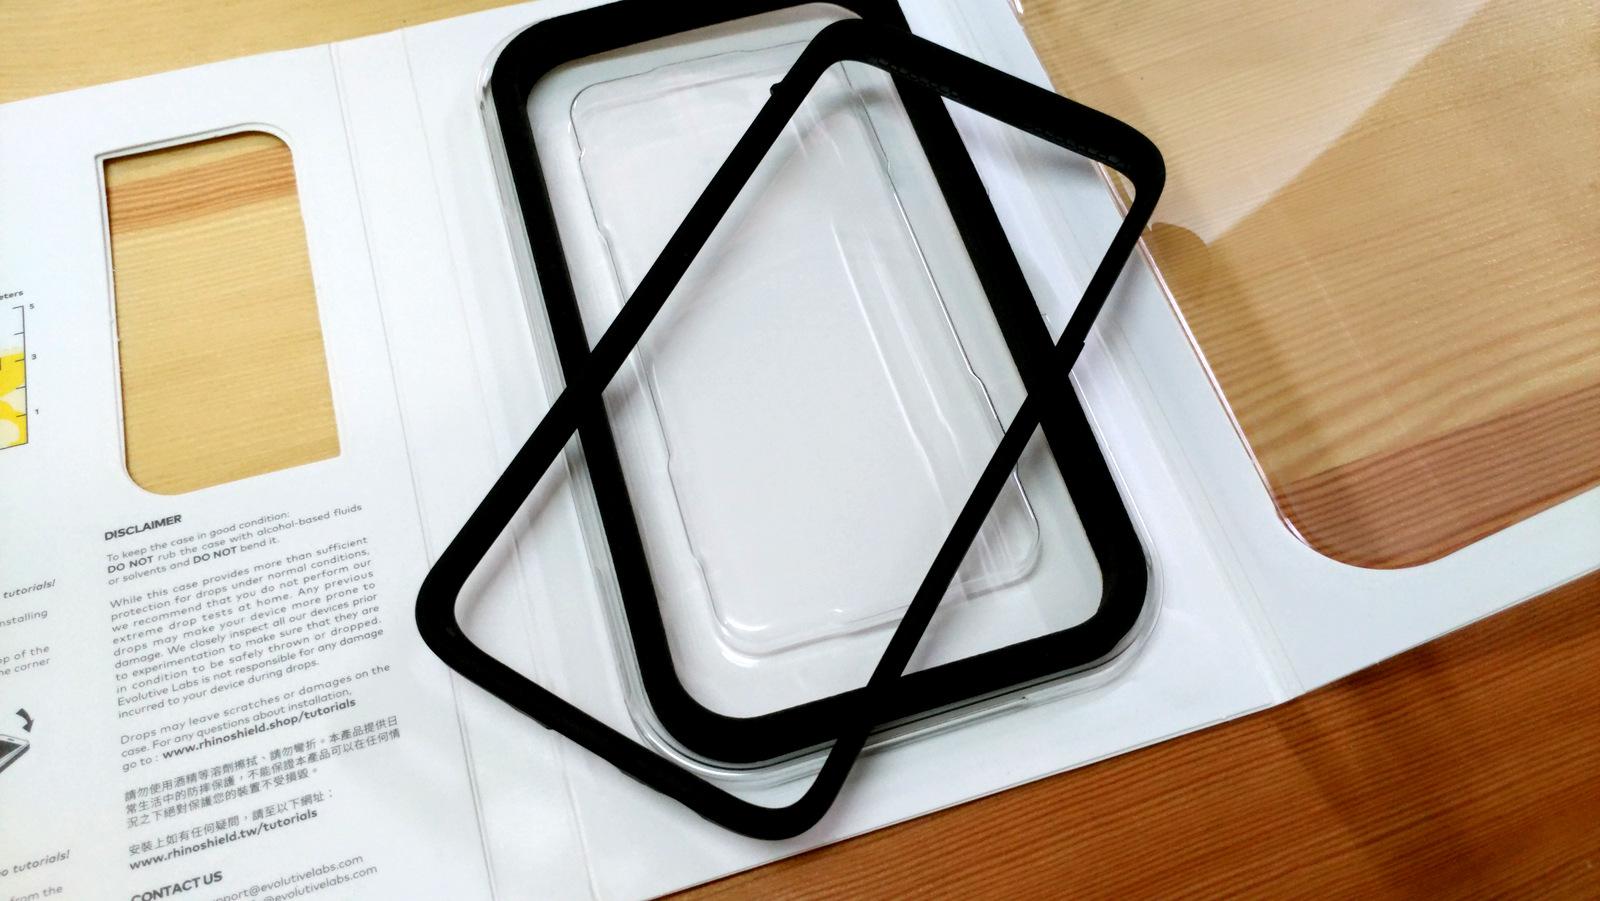 OnePlus 5 Case Hong Kong Rhino Shield _08